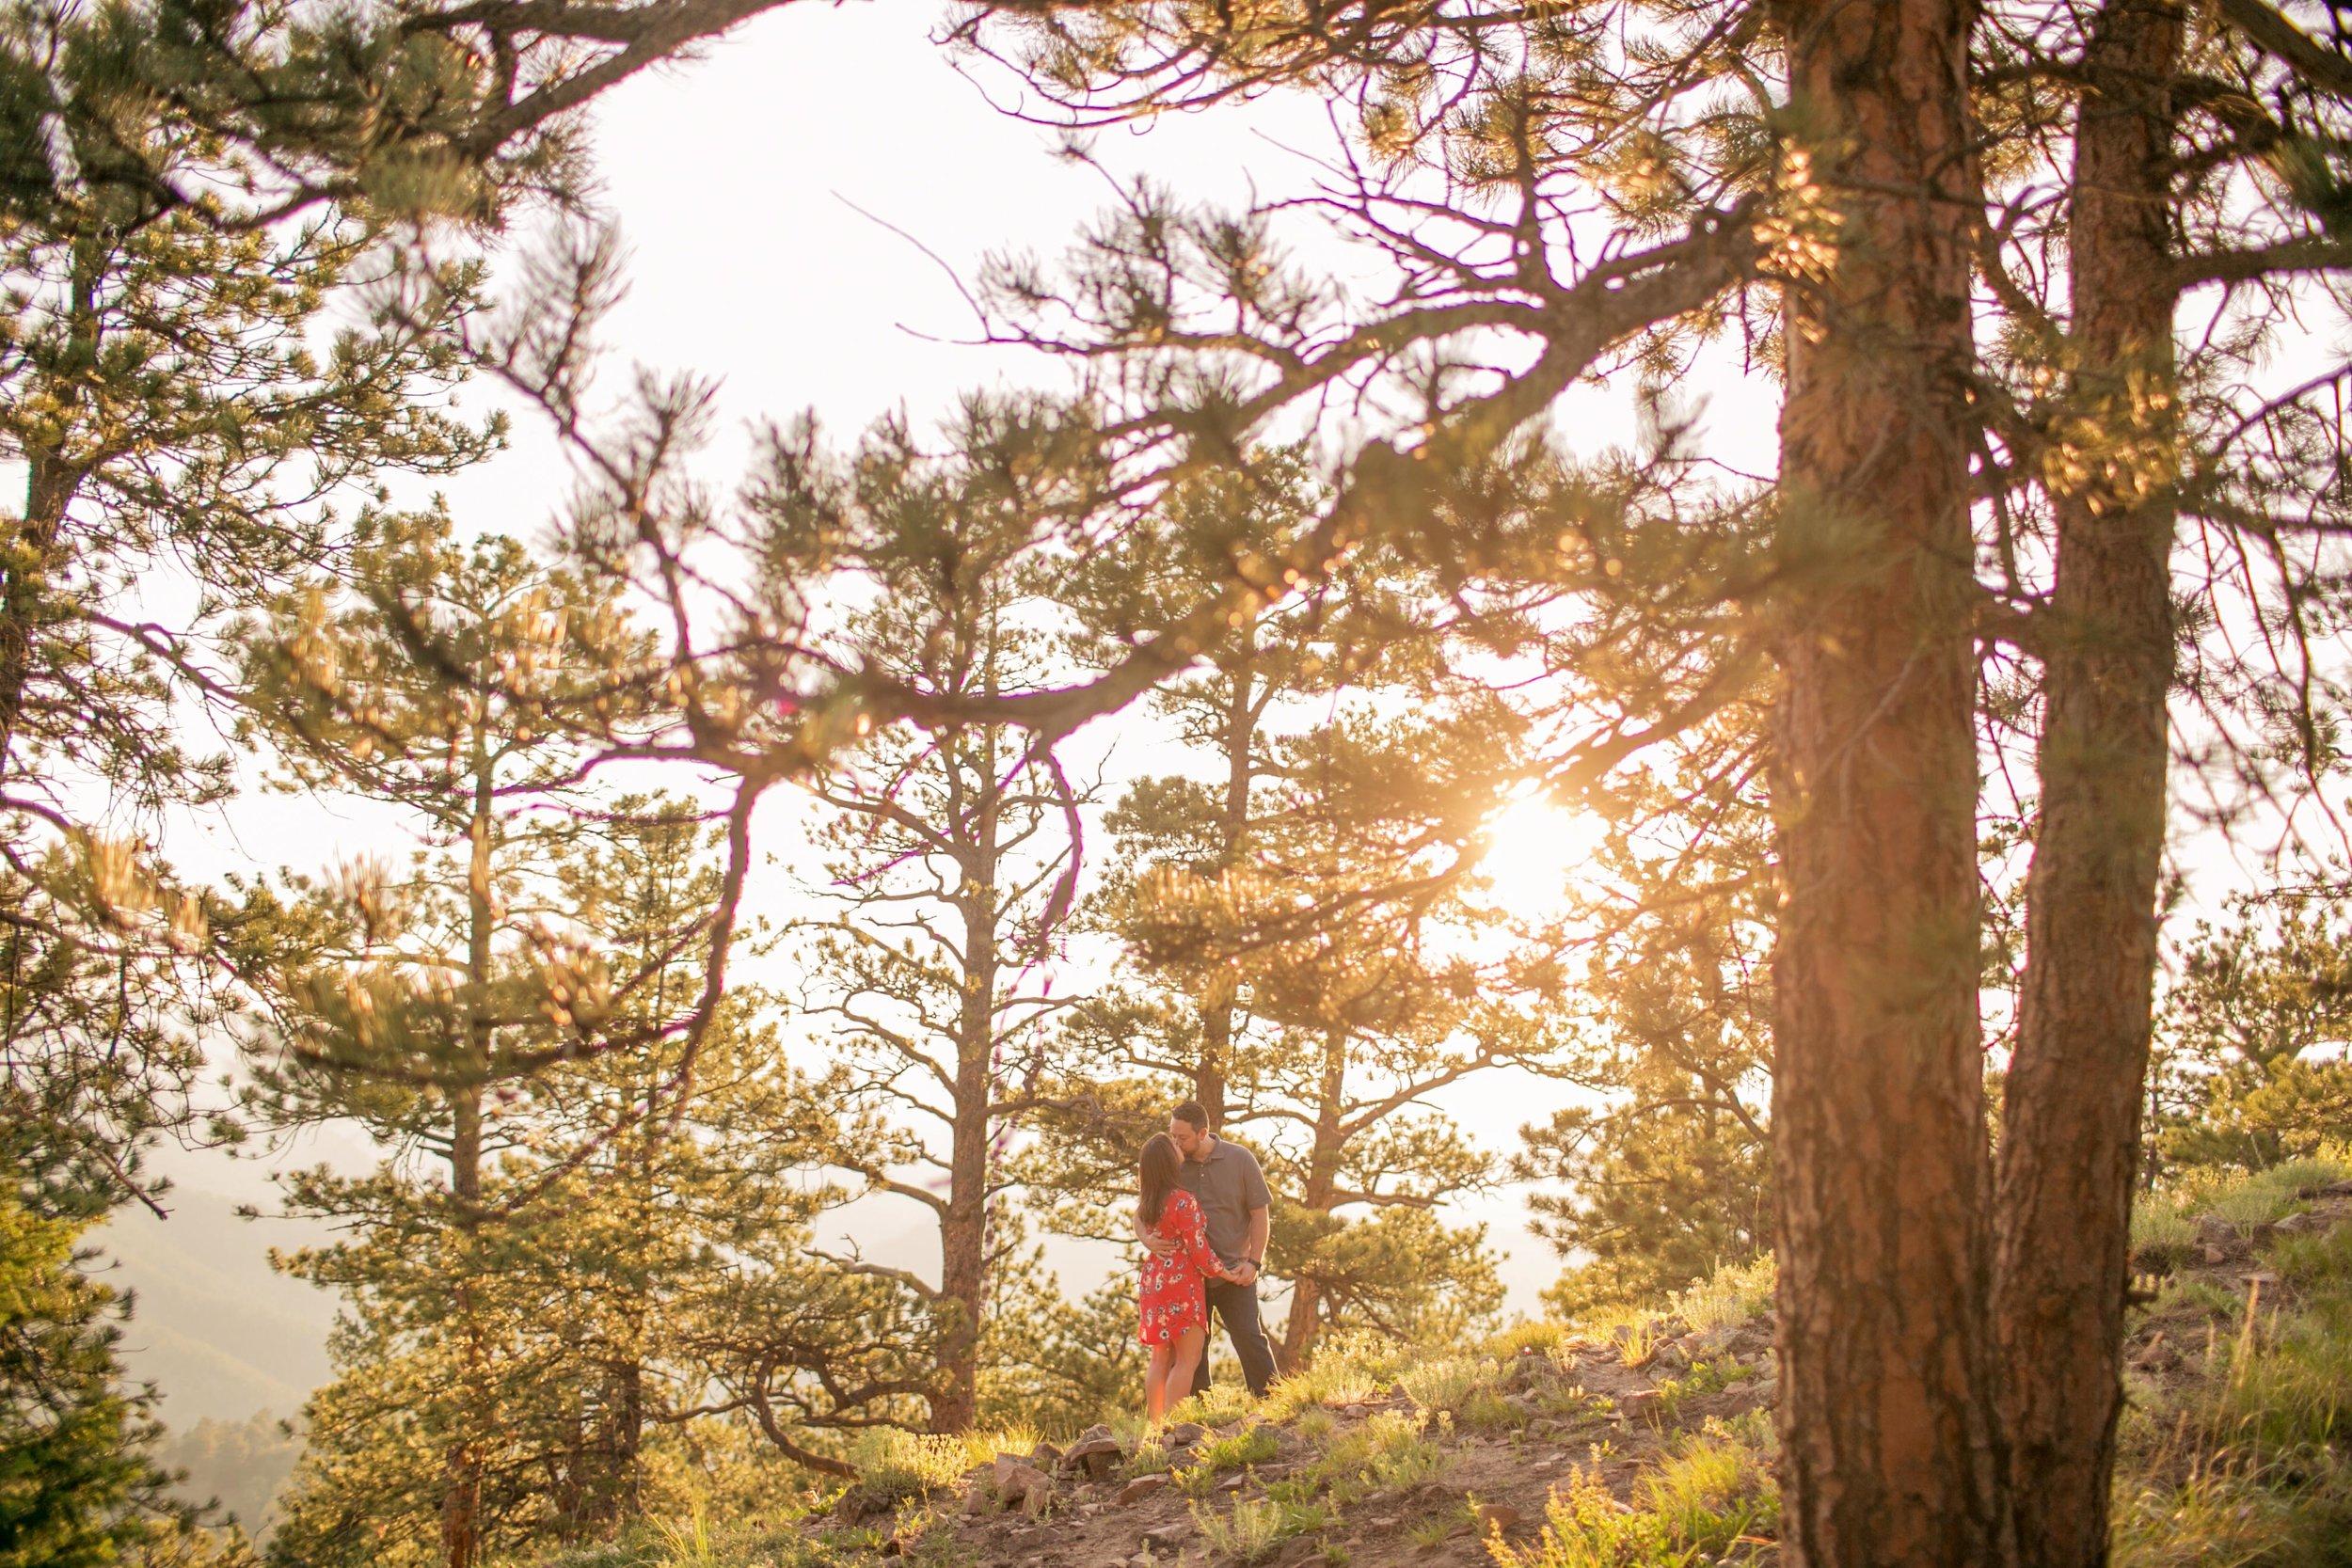 _flagstaffmountainbouldEr_coloradoweddingphotographer_www.kisaconrad.com_607A1191-60.jpg